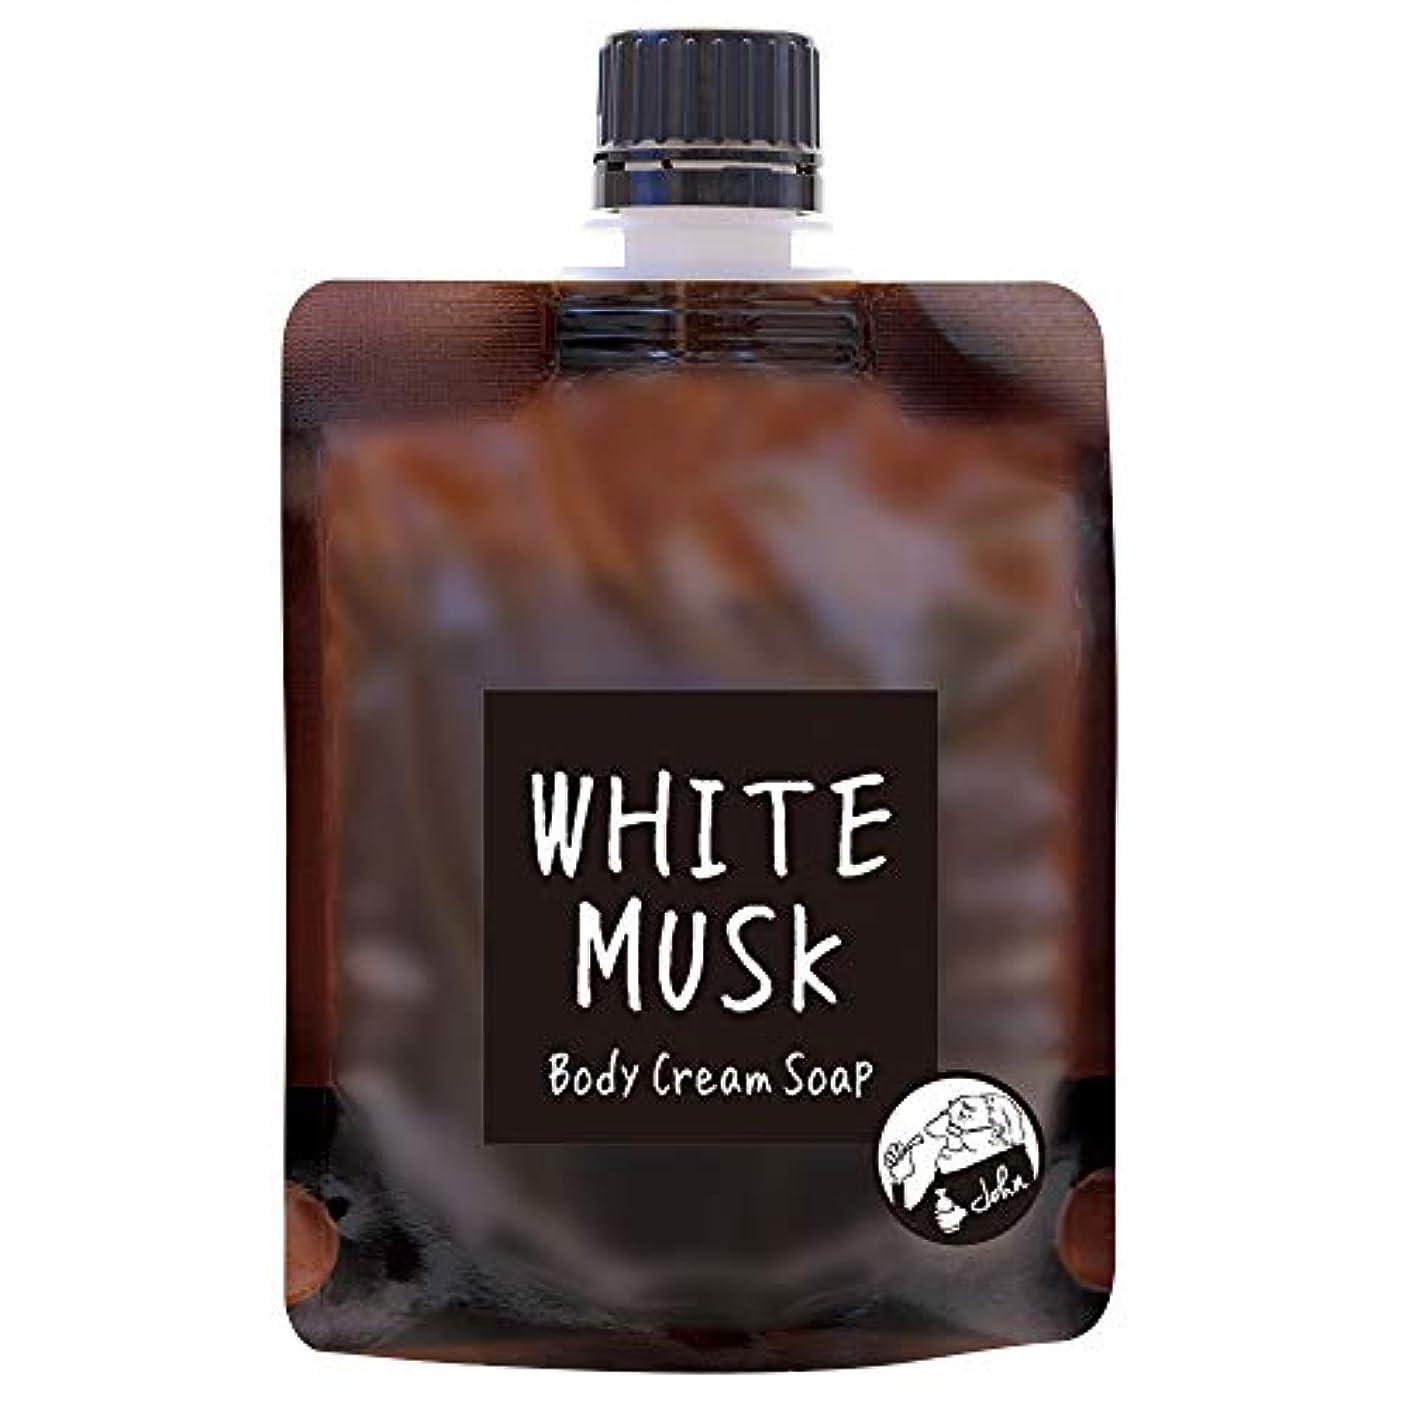 お祝い愛撫ずるいノルコーポレーション John's Blend ボディクリームソープ 保湿成分配合 OA-JON-19-1 ボディソープ ホワイトムスクの香り 100g